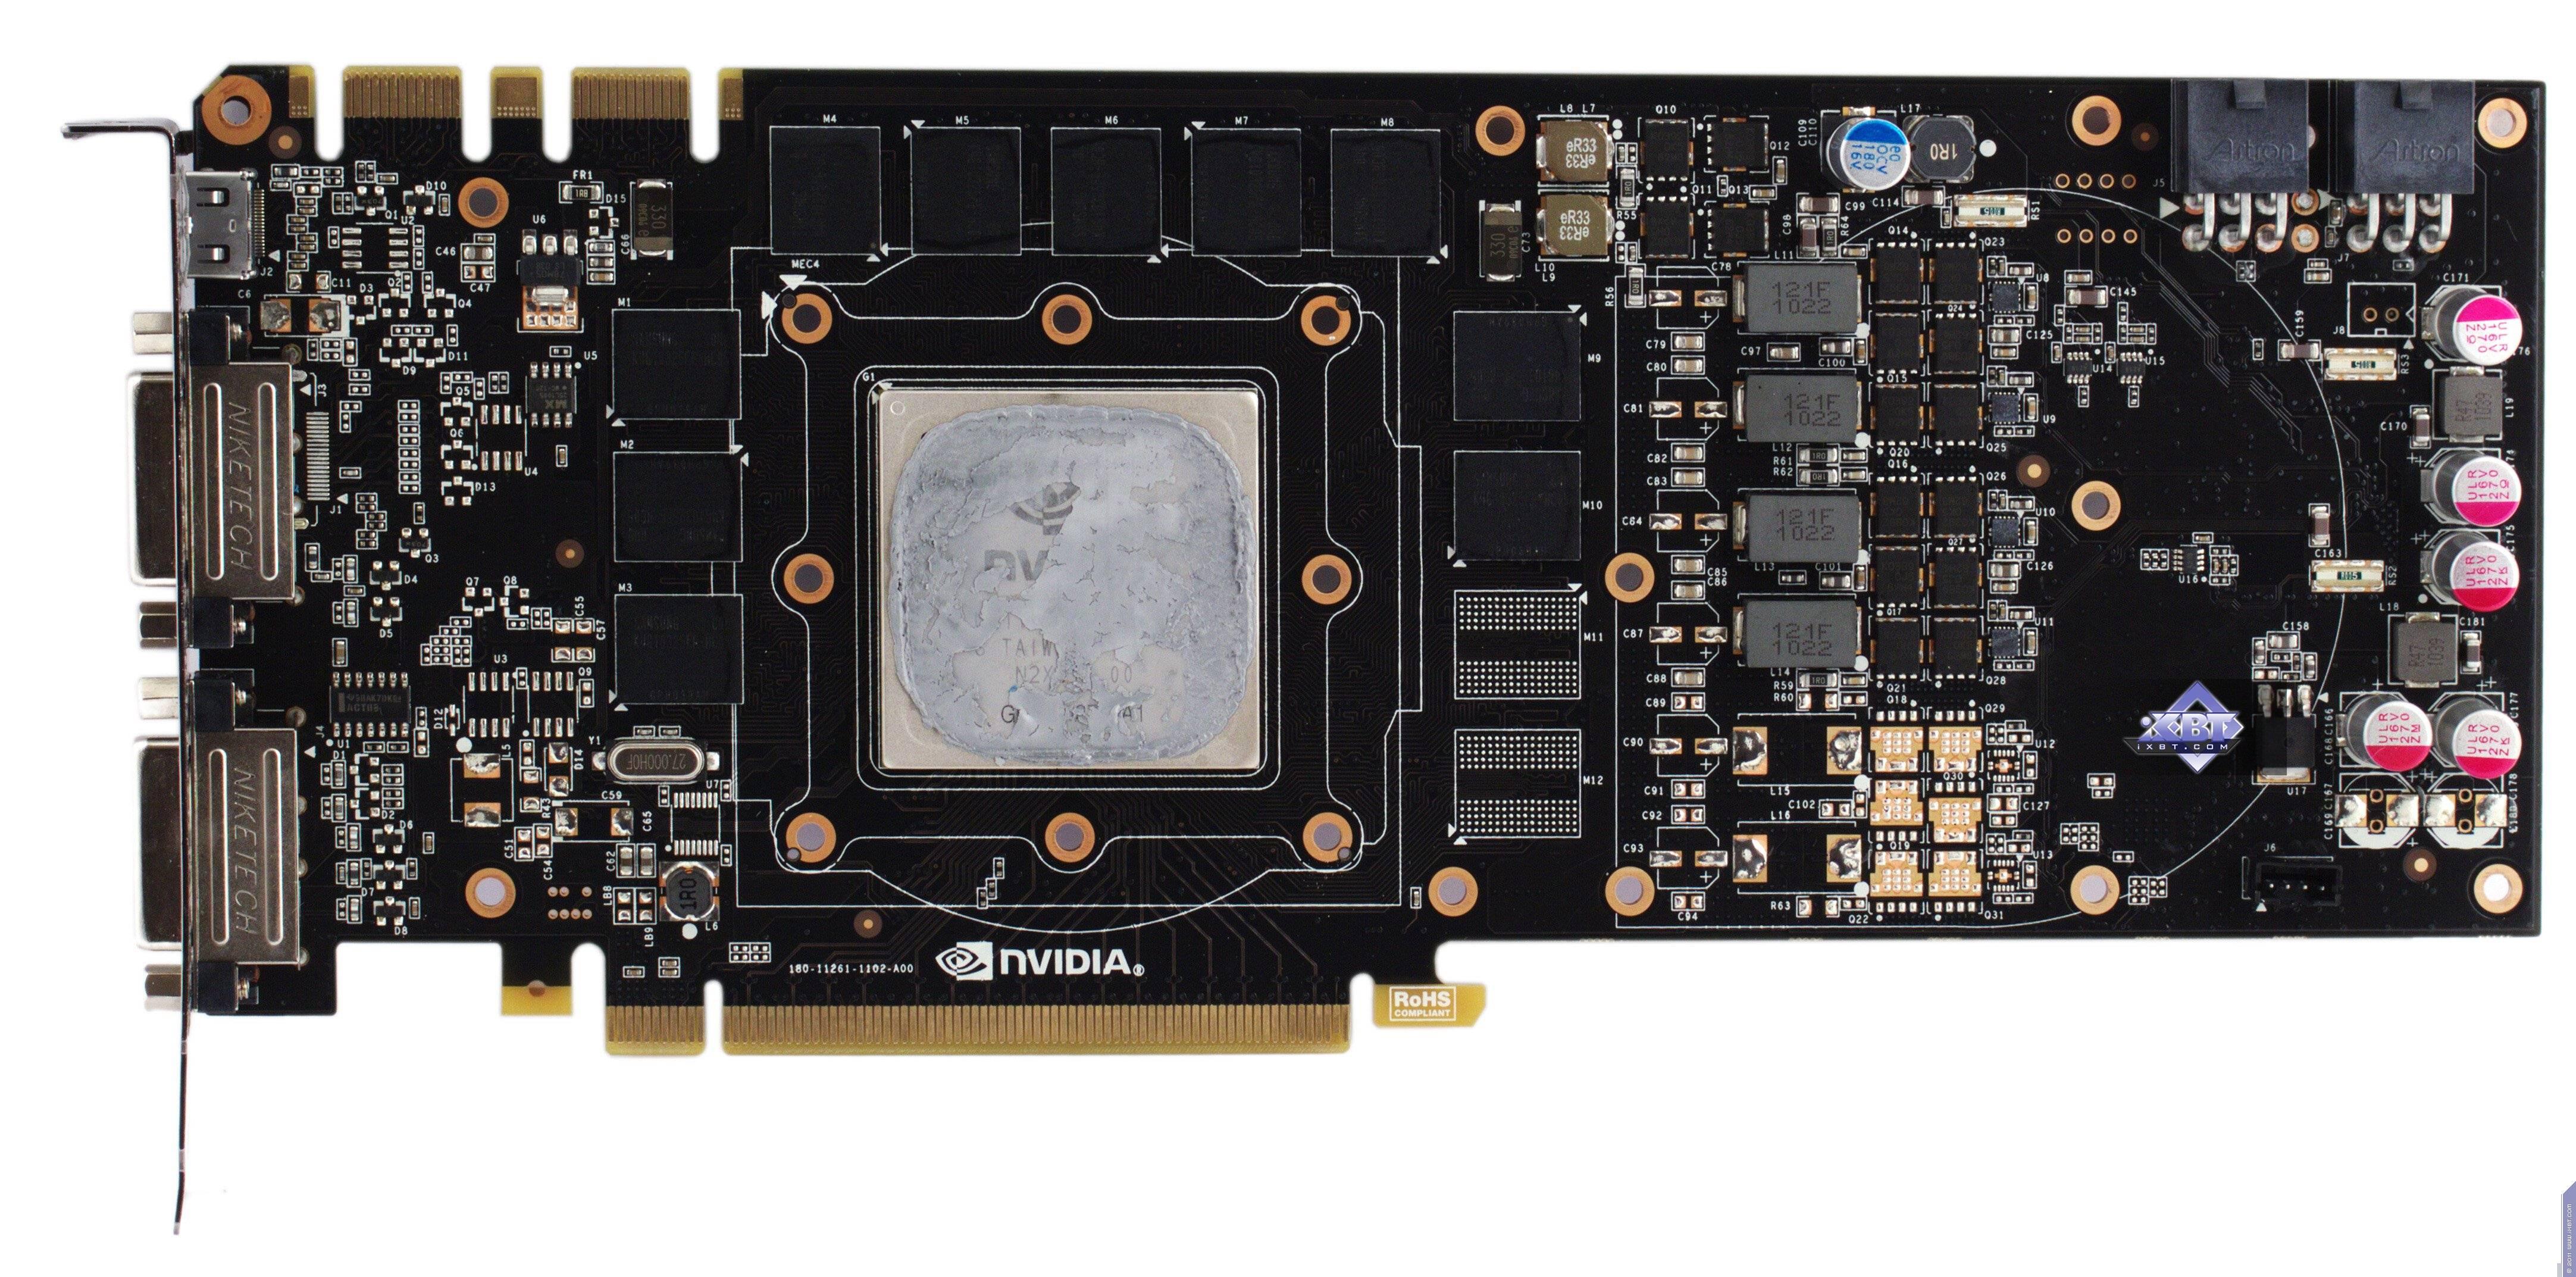 Geforce gt 320m cuda 1gb скачать драйвер